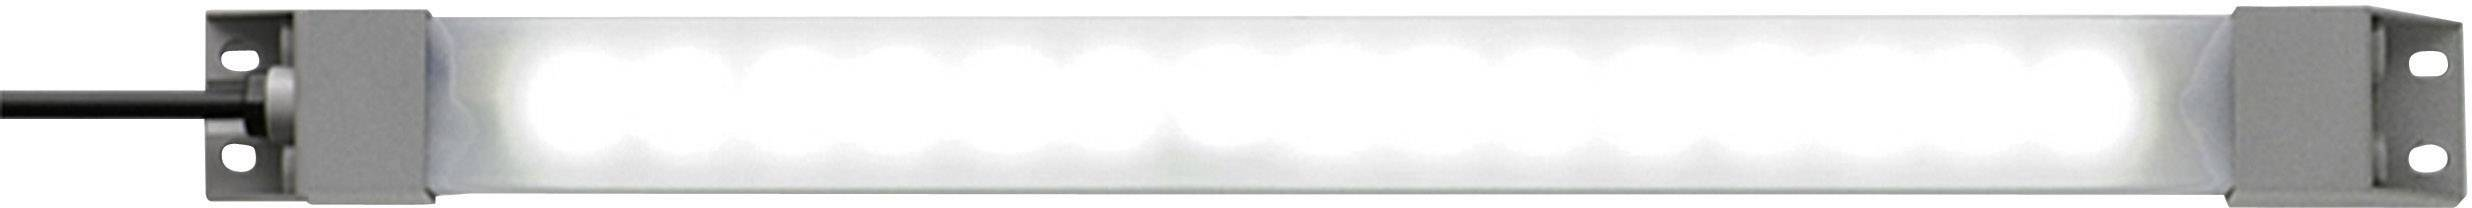 Idec LF1B-NC4P-2THWW2-3M, biela, 300 lm, 4.4 W, 24 V/DC